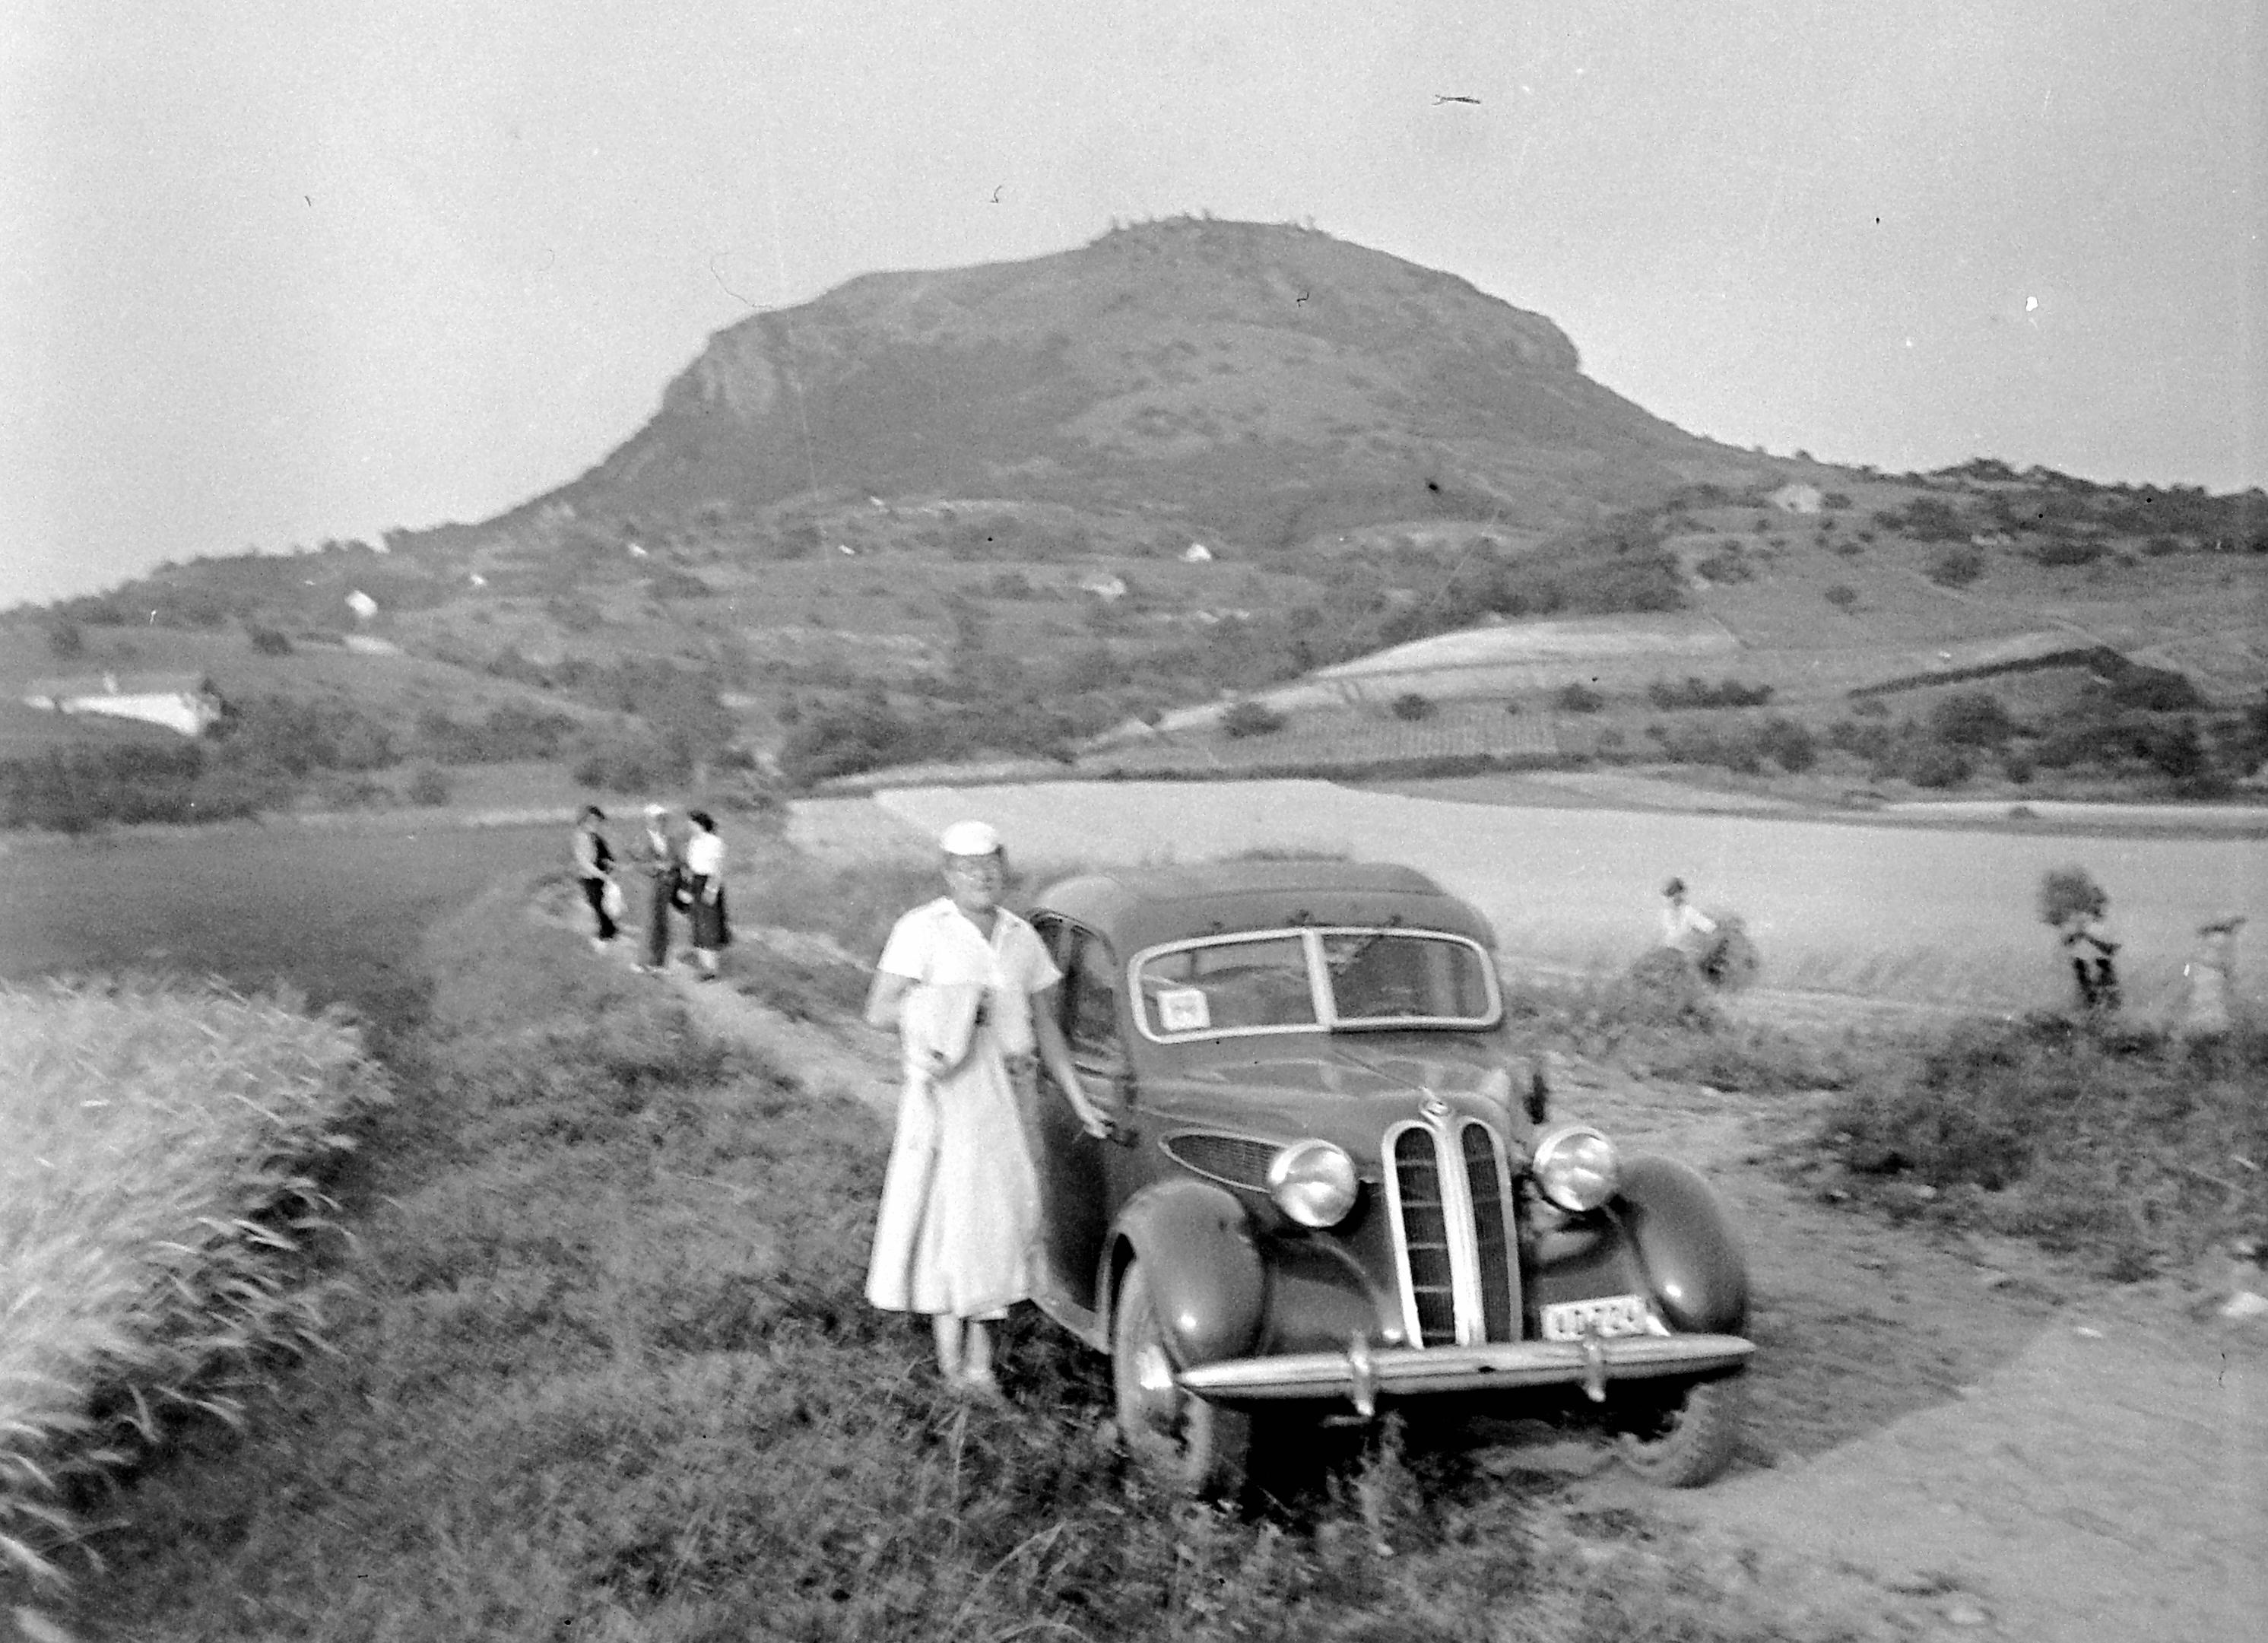 File:Tapolcai-medence, szemben a vulkáni eredetű Csobánc. BMW 320 típusú  személygépkocsi